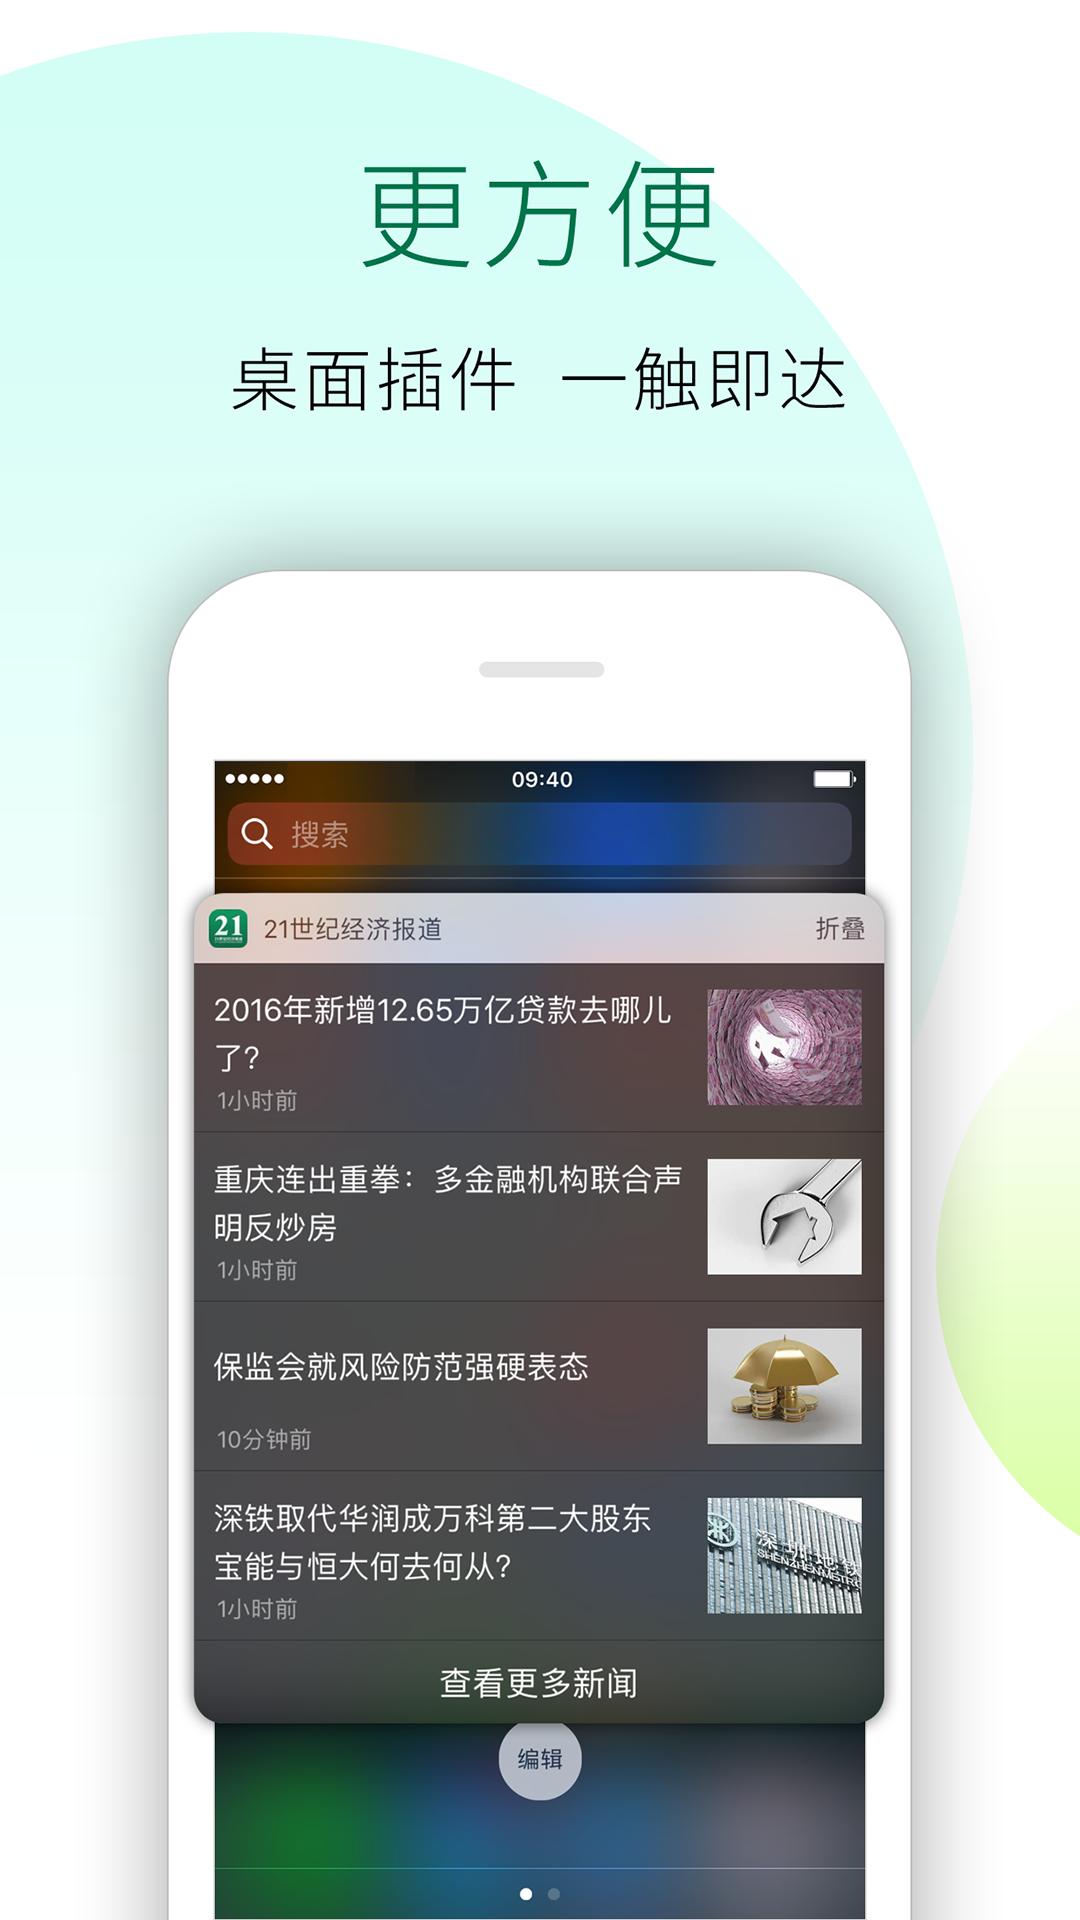 21世紀經濟 app_21世紀經濟網APP